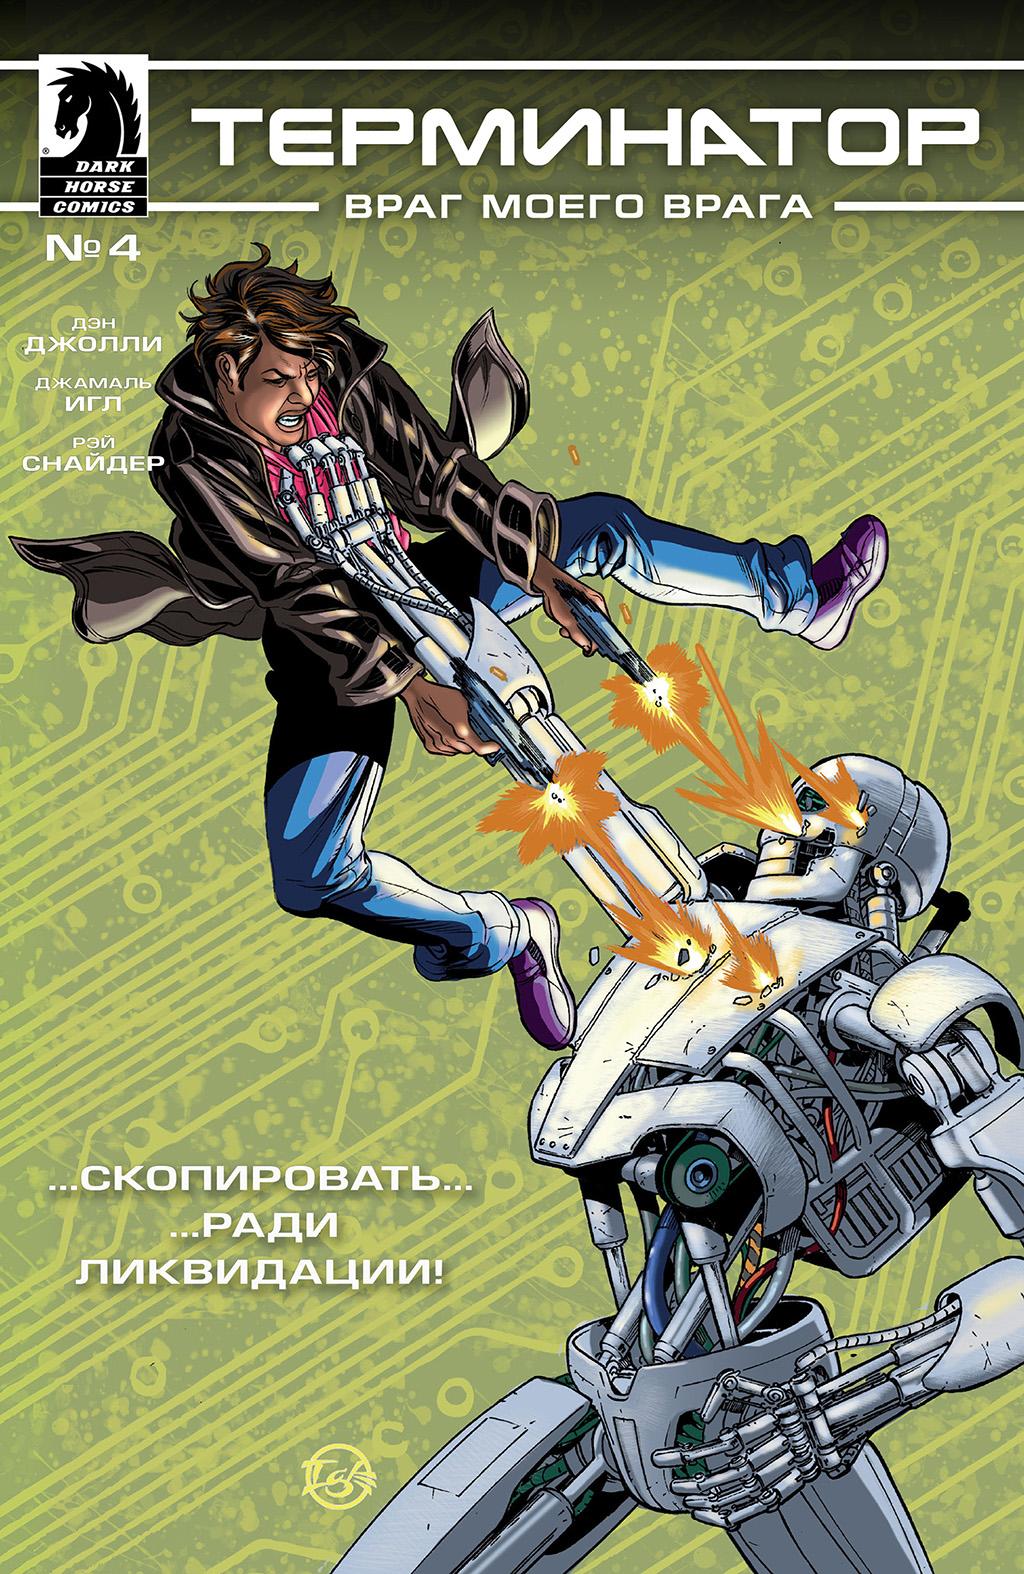 Комикс Терминатор - Враг Моего Врага